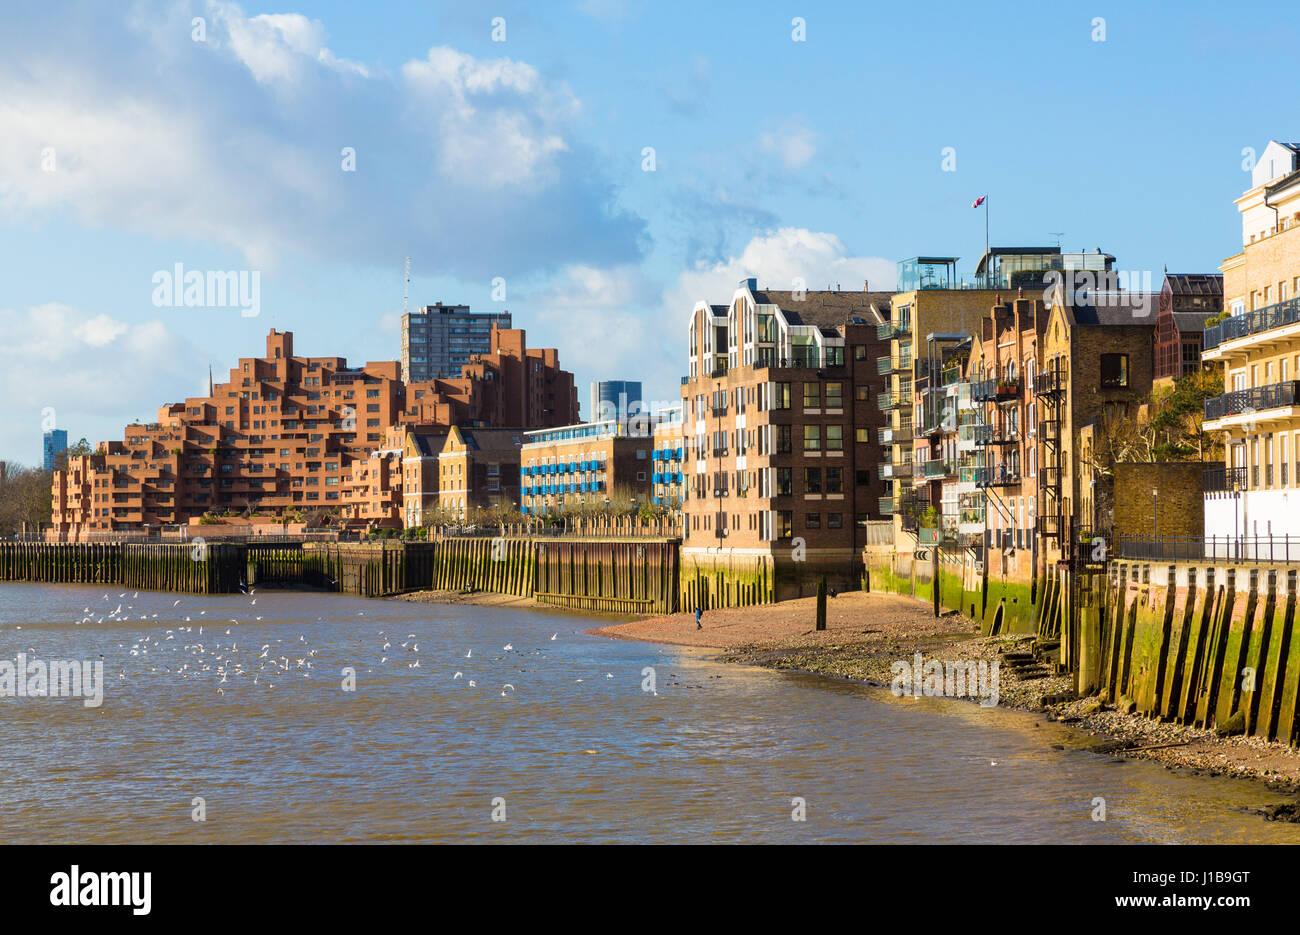 Wohnung-Wohngebäude auf der Themse von Canary Wharf, Docklands, London, England Stockbild